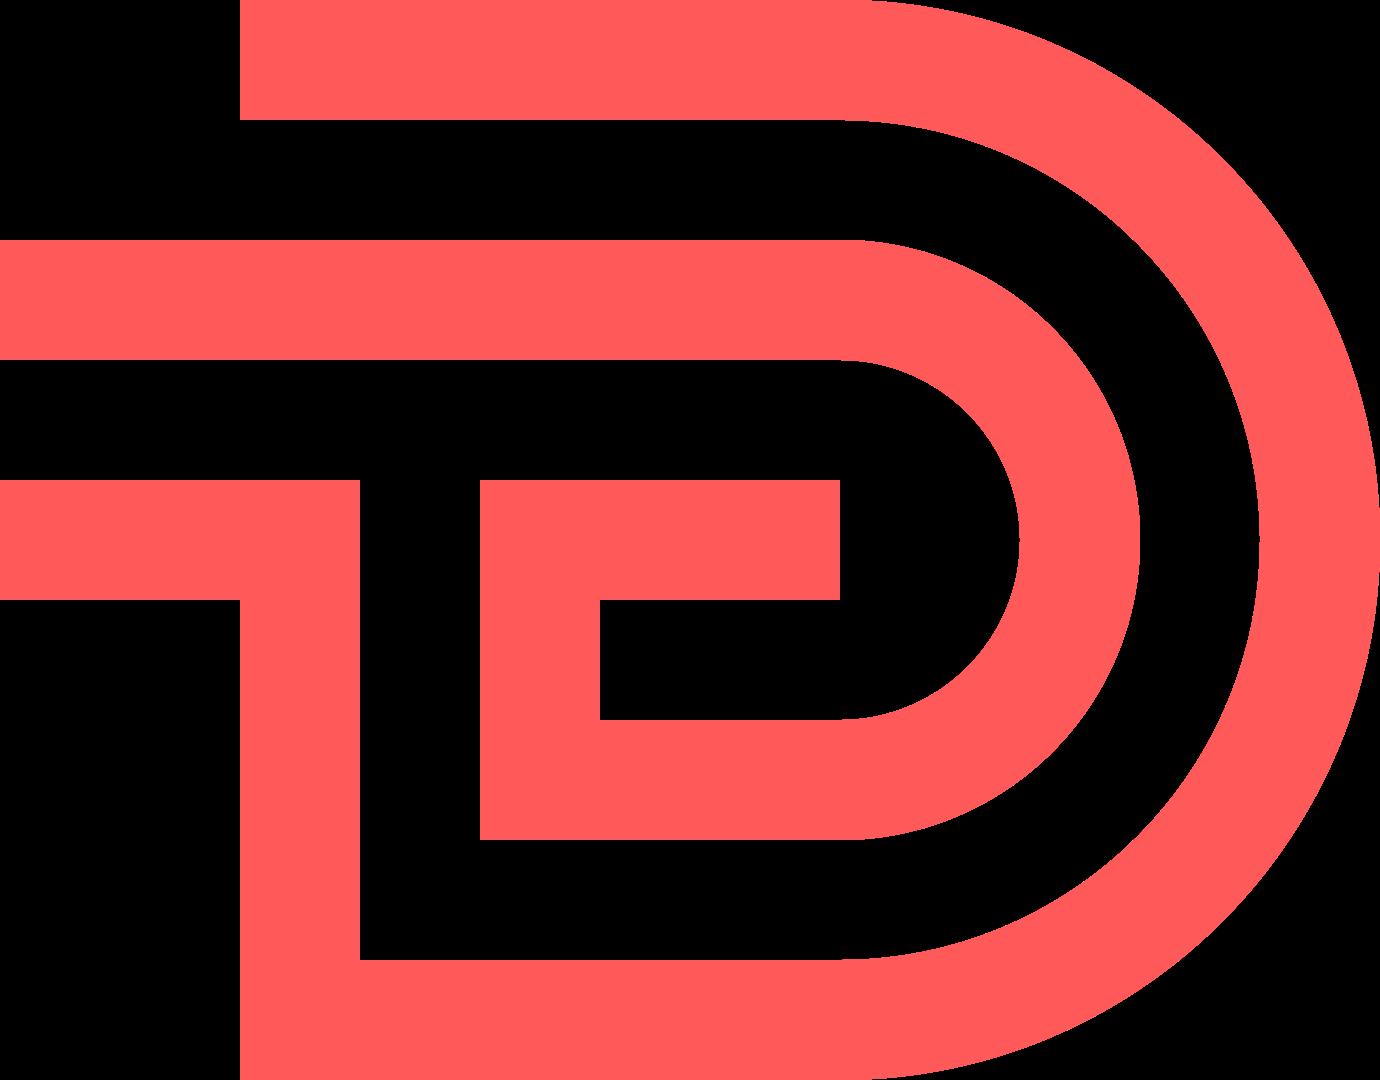 TalentDesk.io